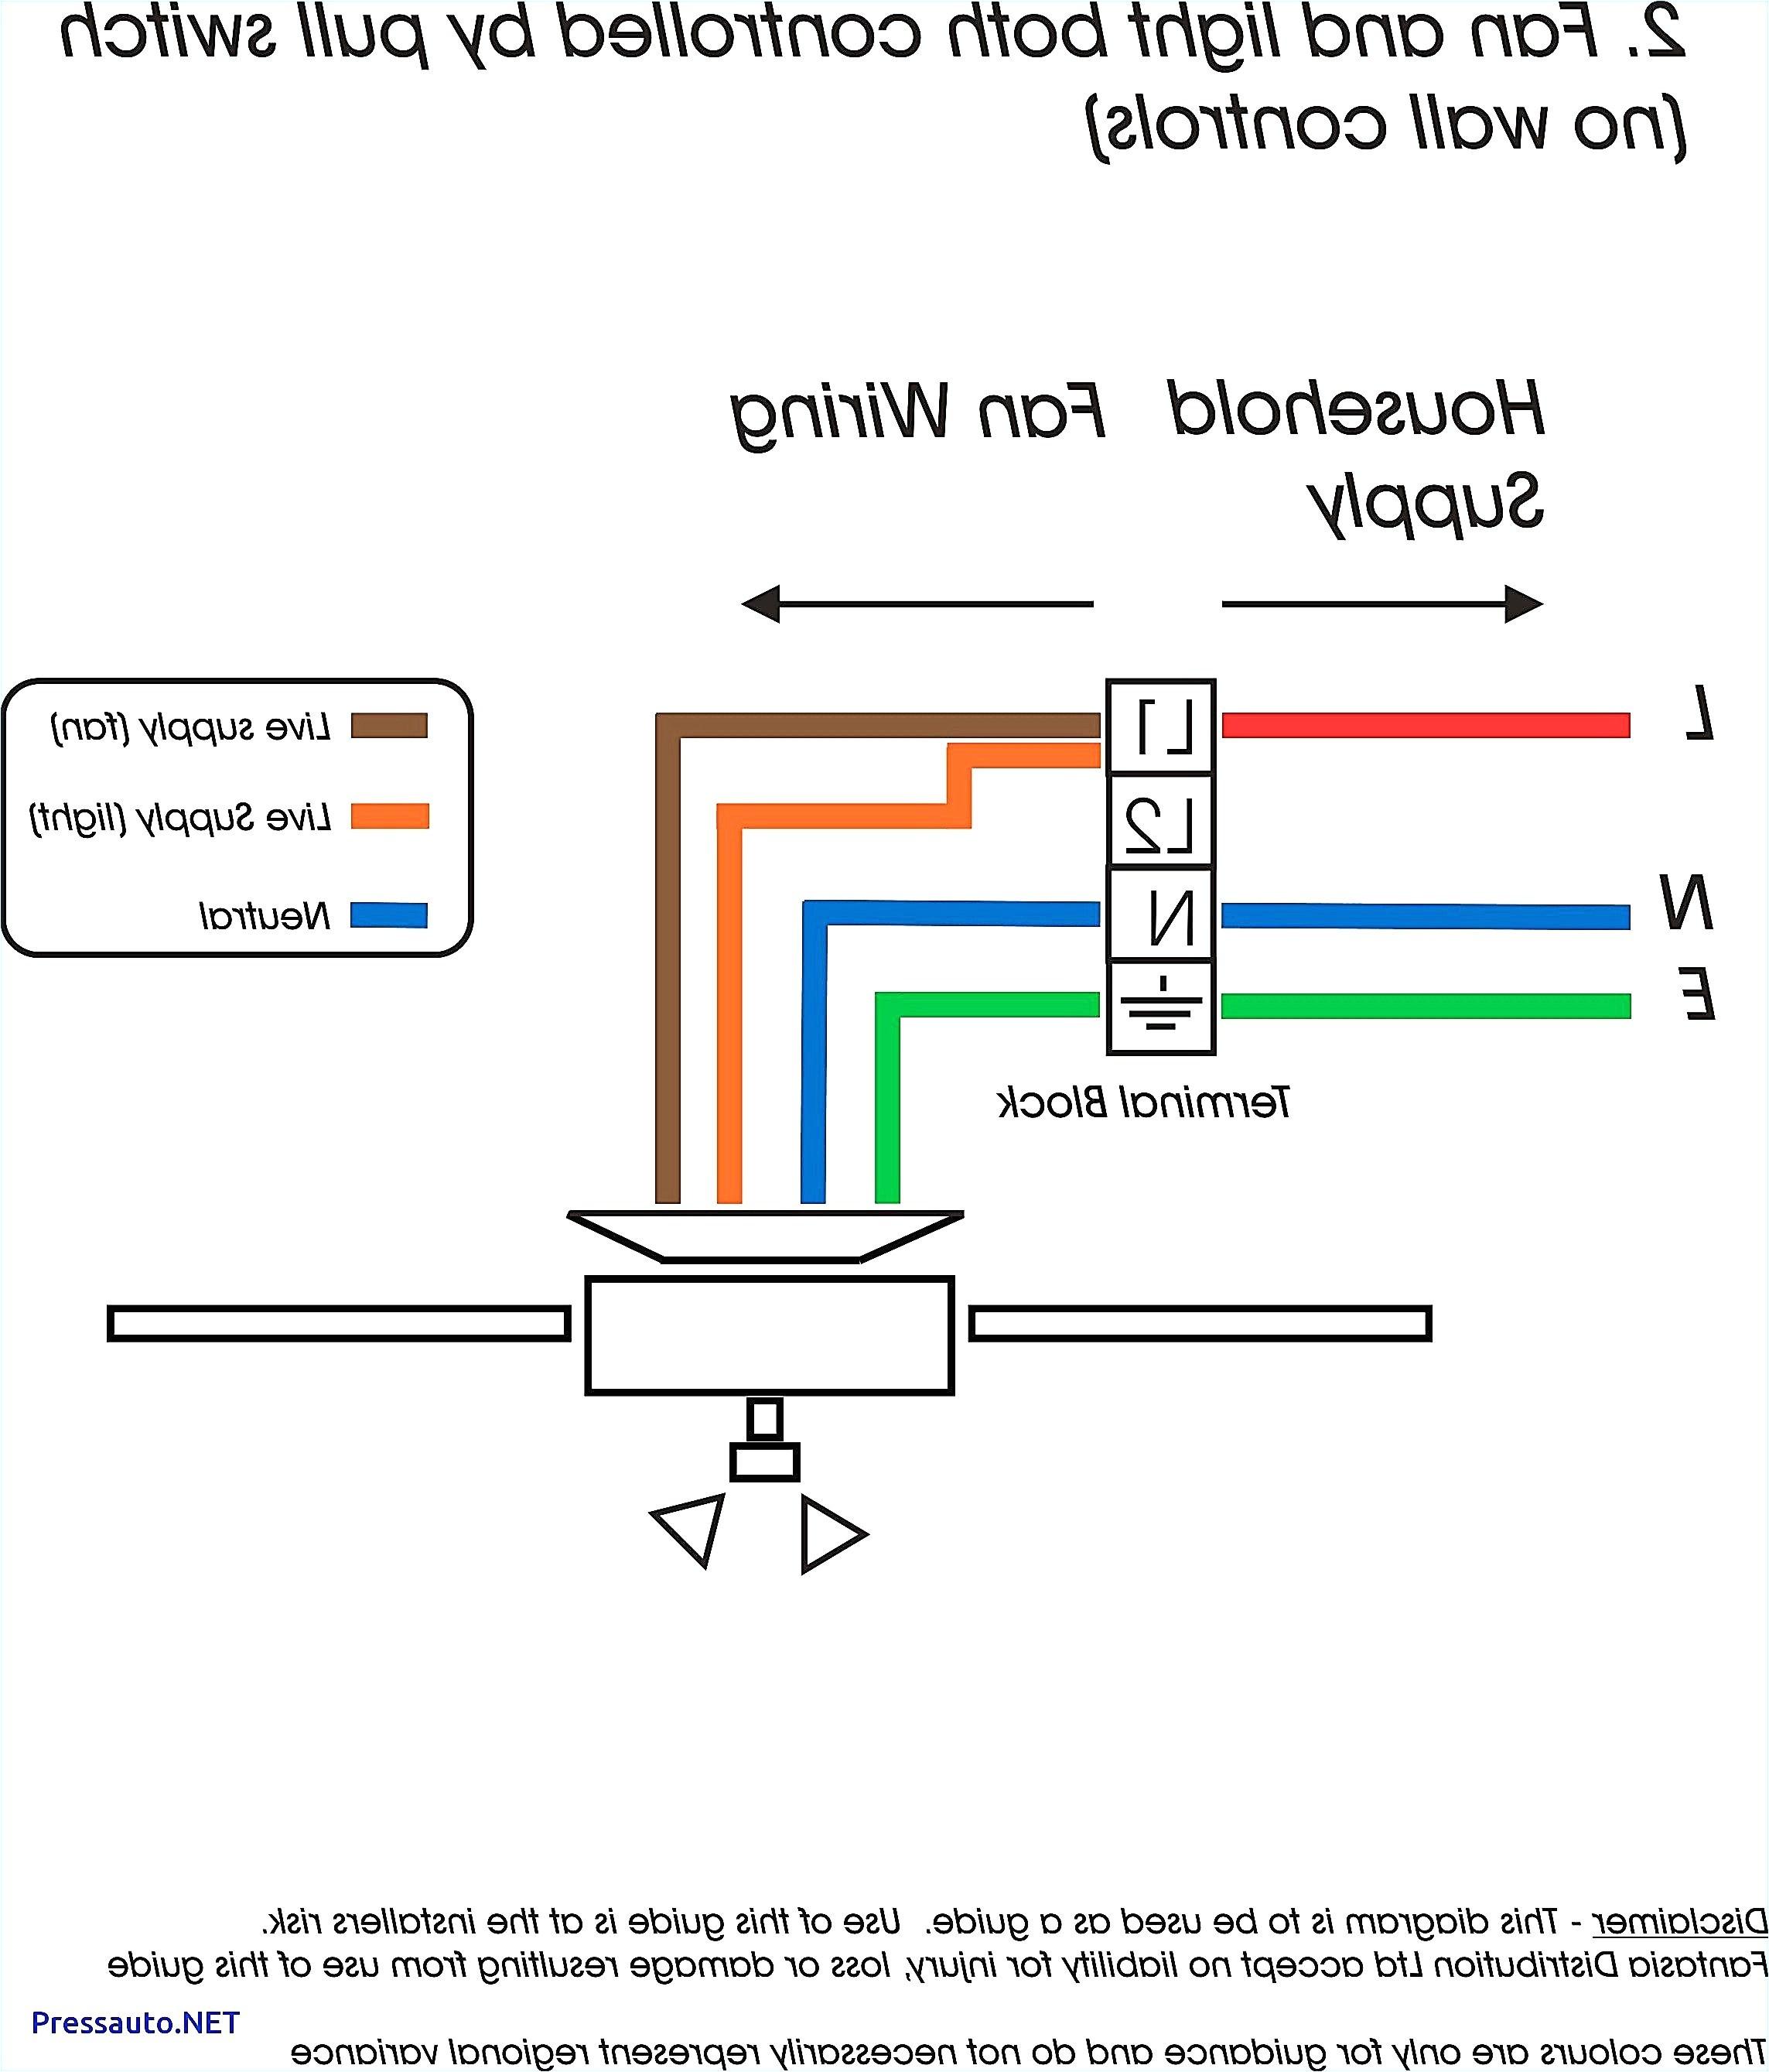 rj45 wiring diagram awesome cabac rj45 wiring diagram trusted wiring diagrams image of rj45 wiring diagram jpg